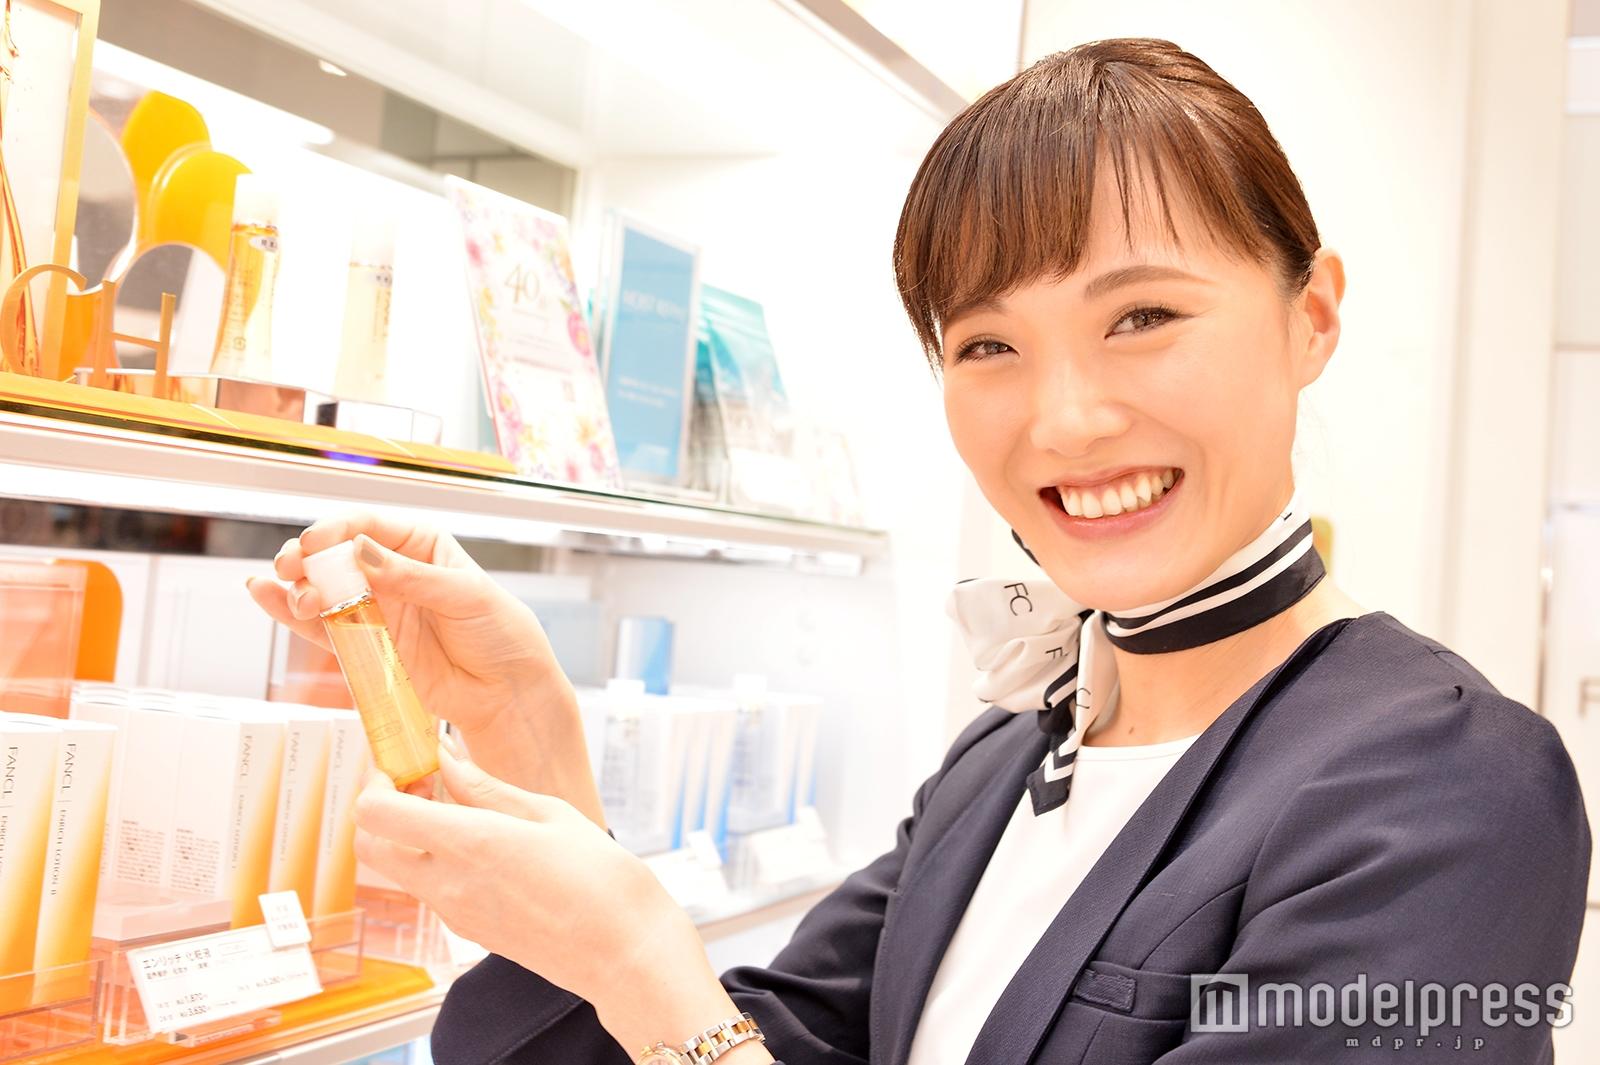 モデルプレスのインタビューに応じた岩本香理さん(C)モデルプレス